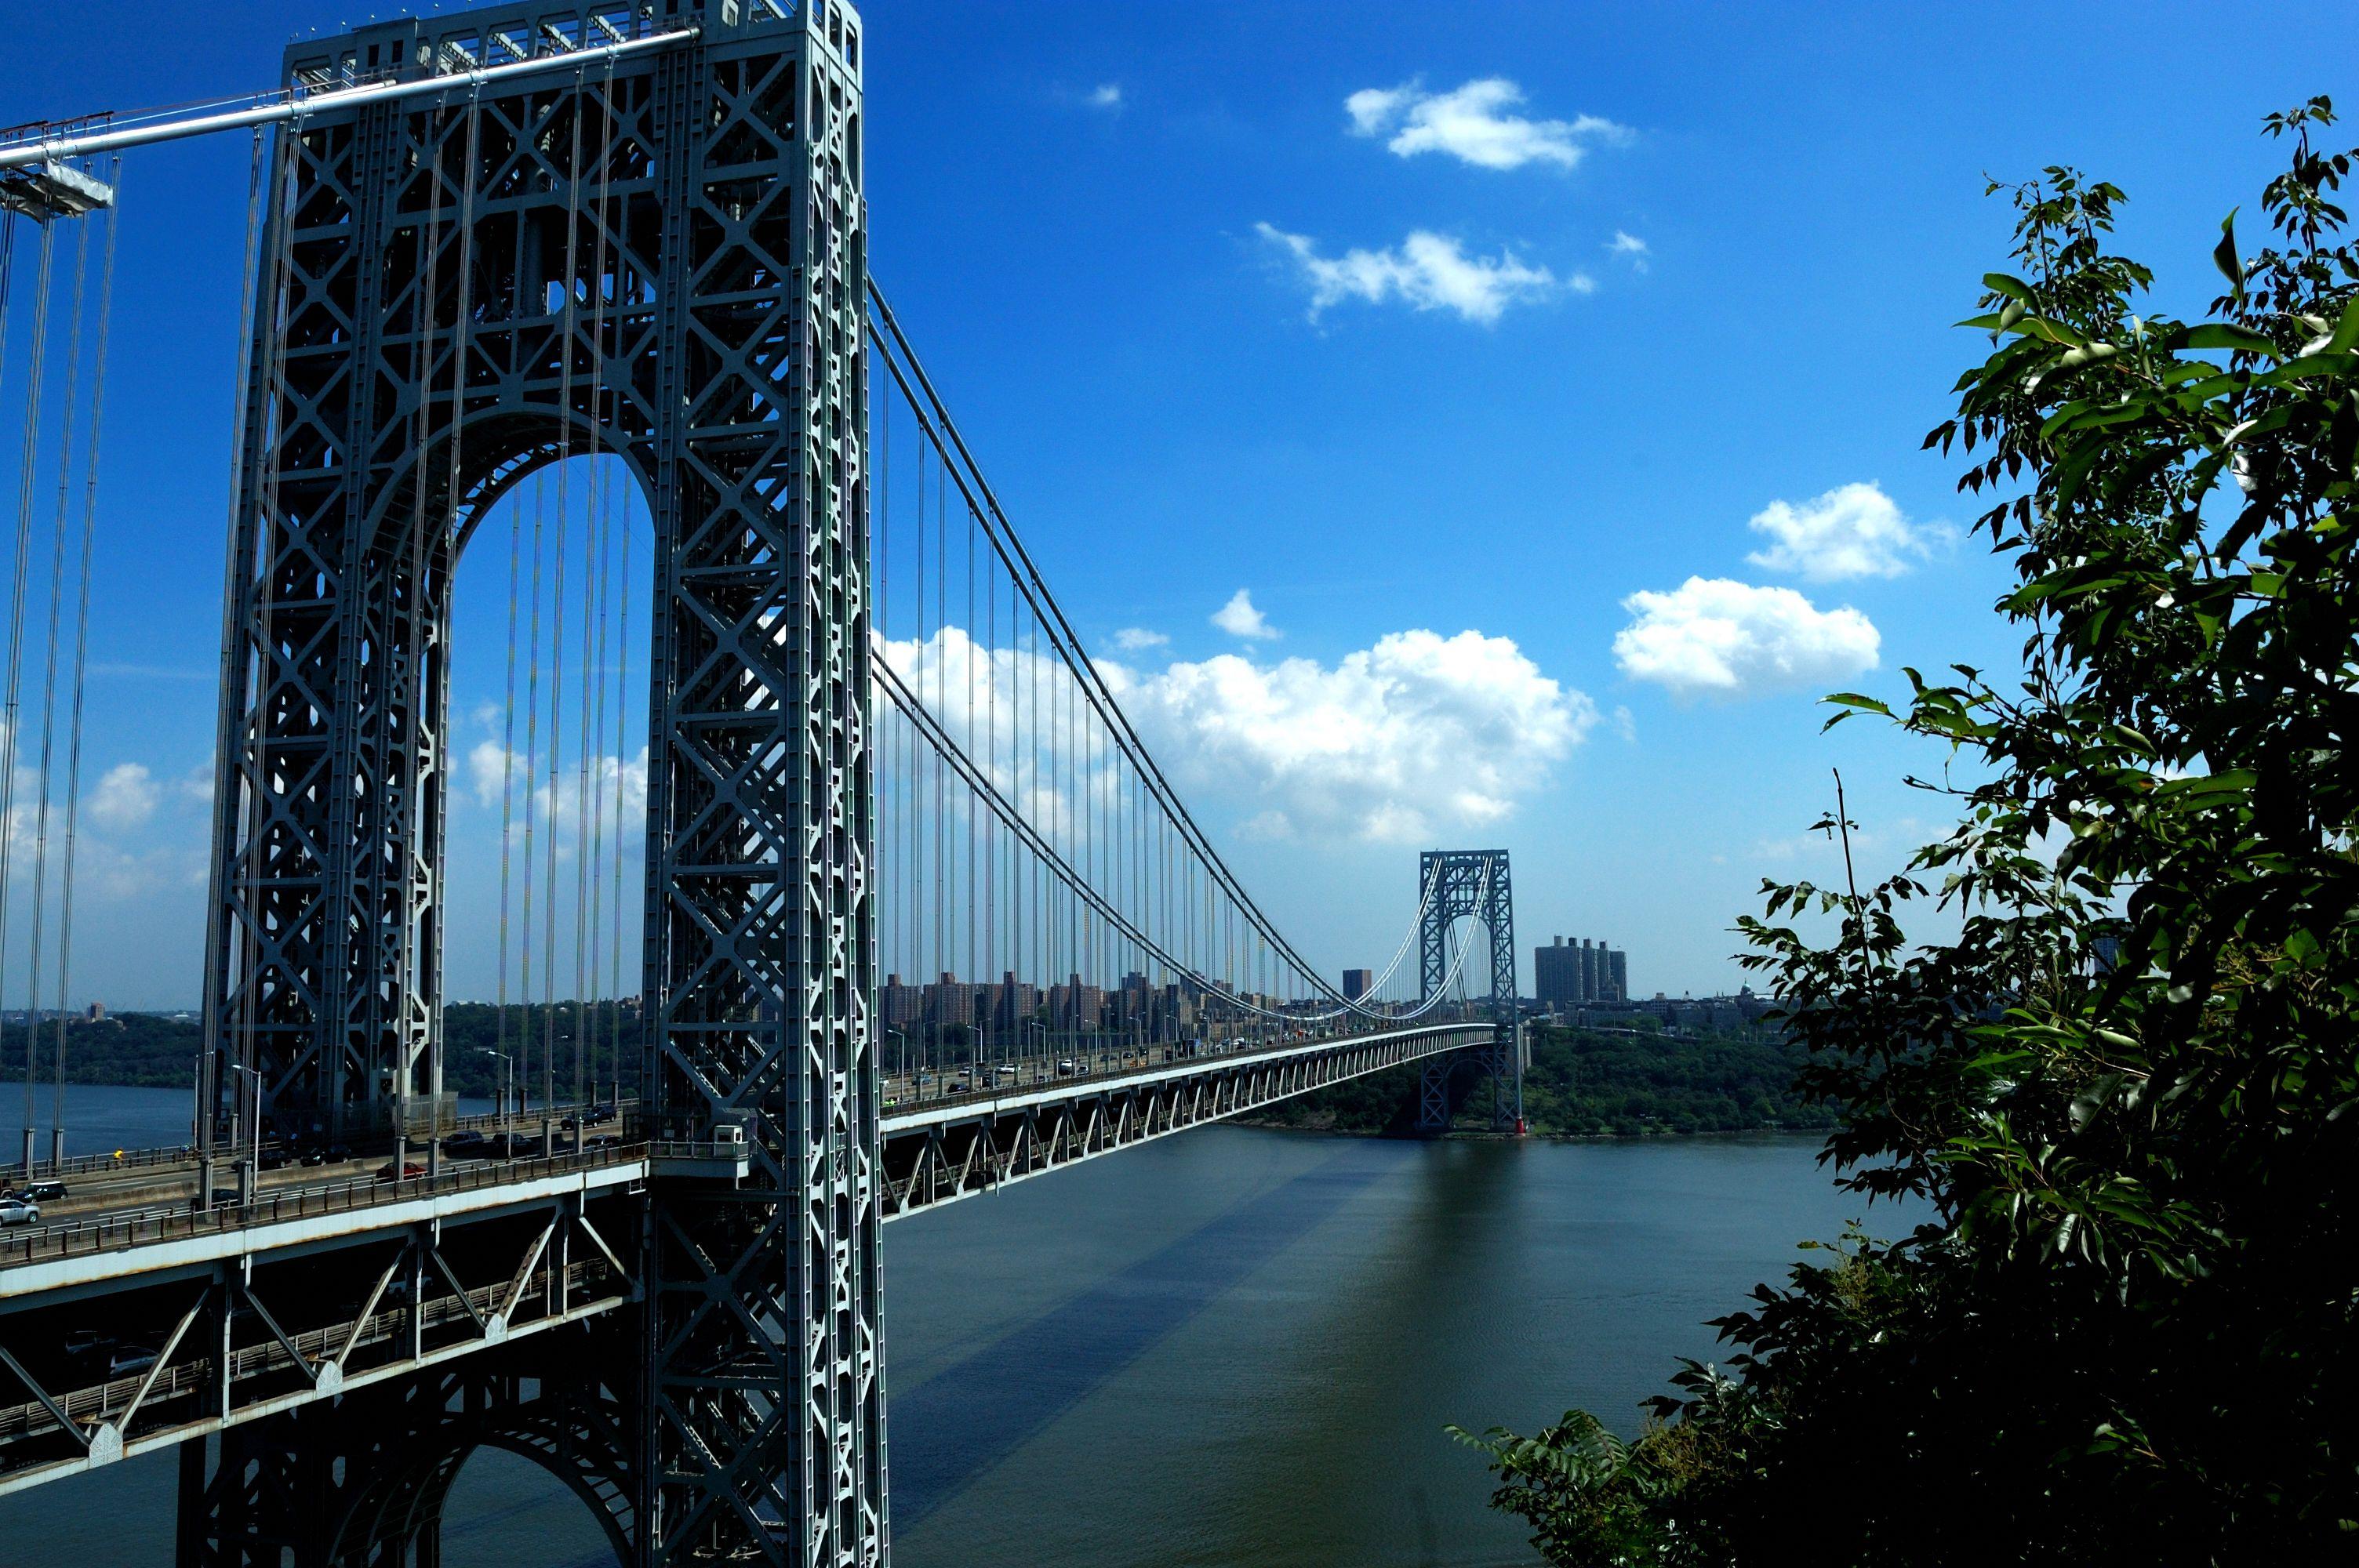 G. Washington Bridge, USA